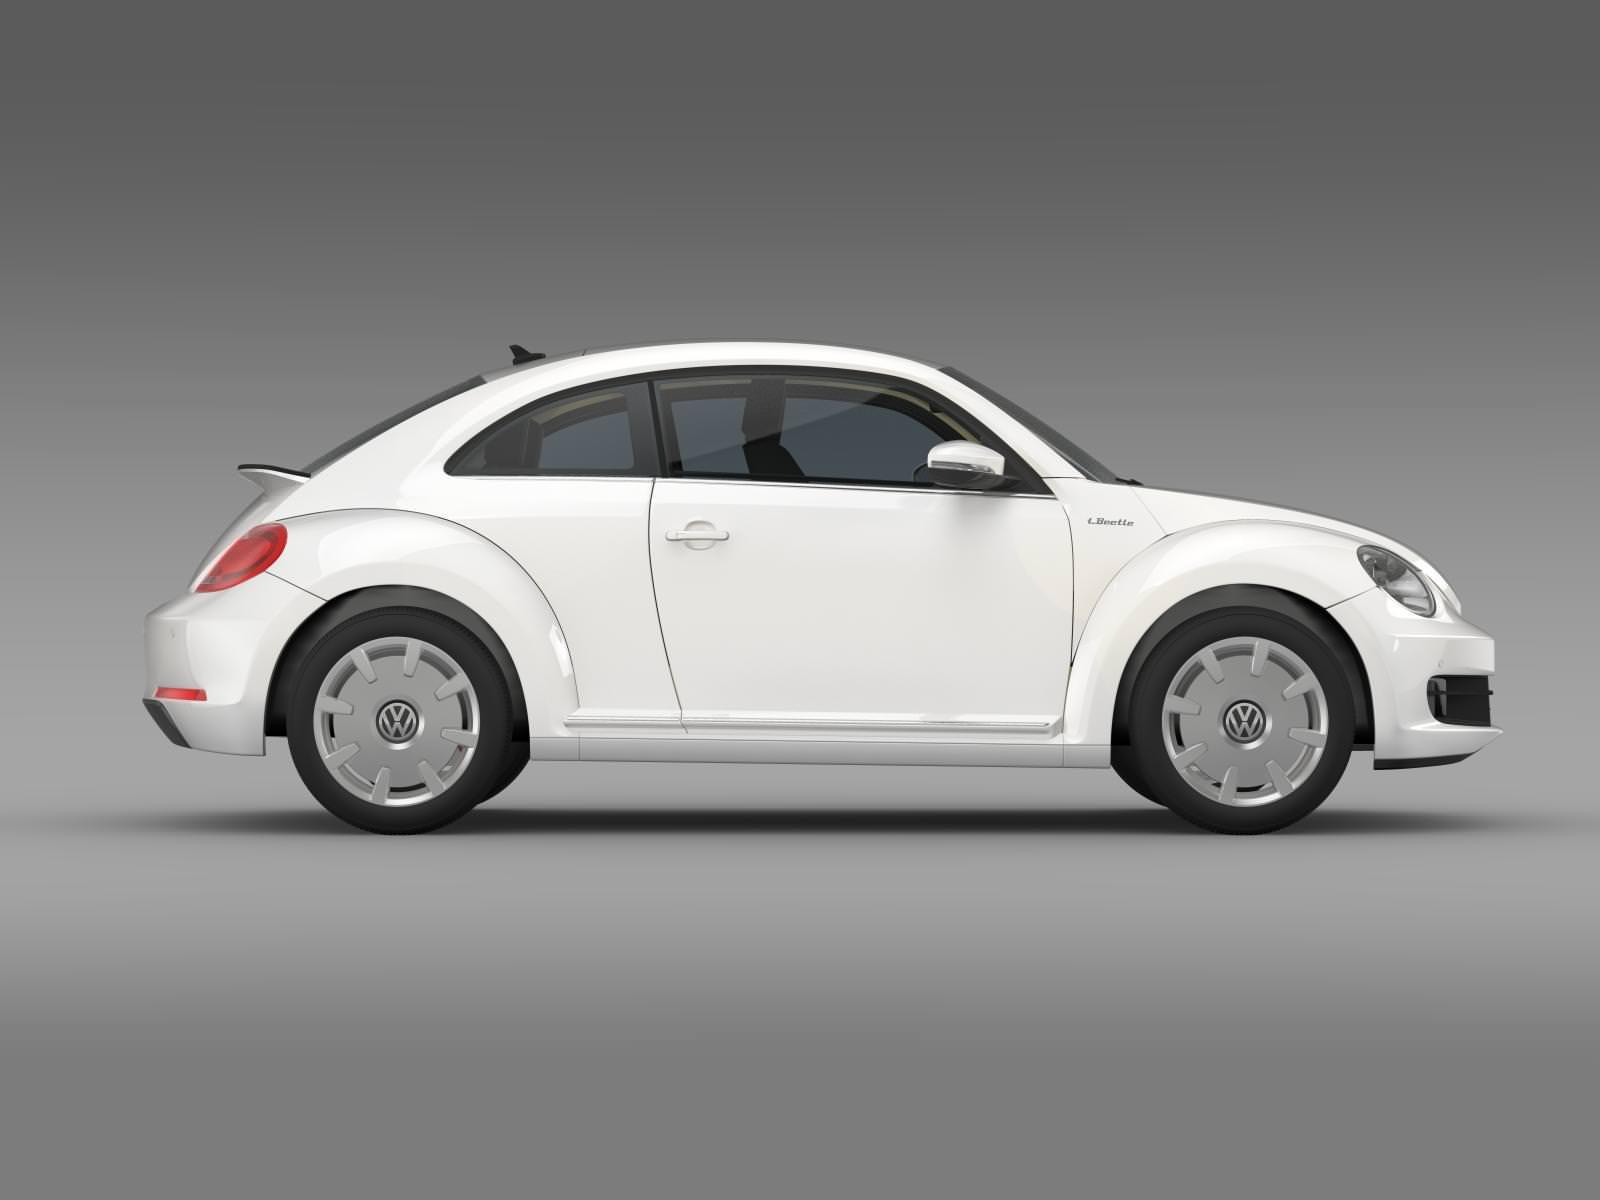 vw i beetle 2015 3d model max obj 3ds fbx c4d lwo lw lws. Black Bedroom Furniture Sets. Home Design Ideas